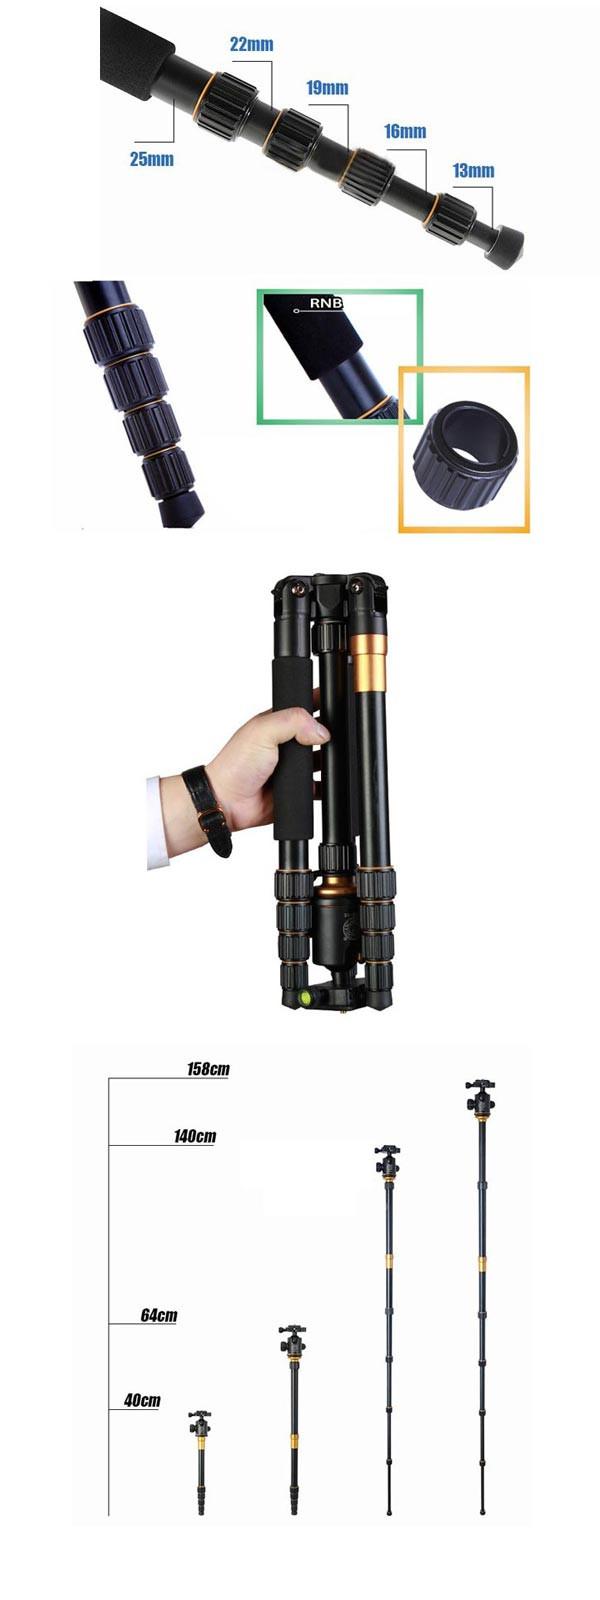 QZSD Q666 15KG Tripod With Q-02 360 Degree Swivel Fluid Head For DSLR Camera